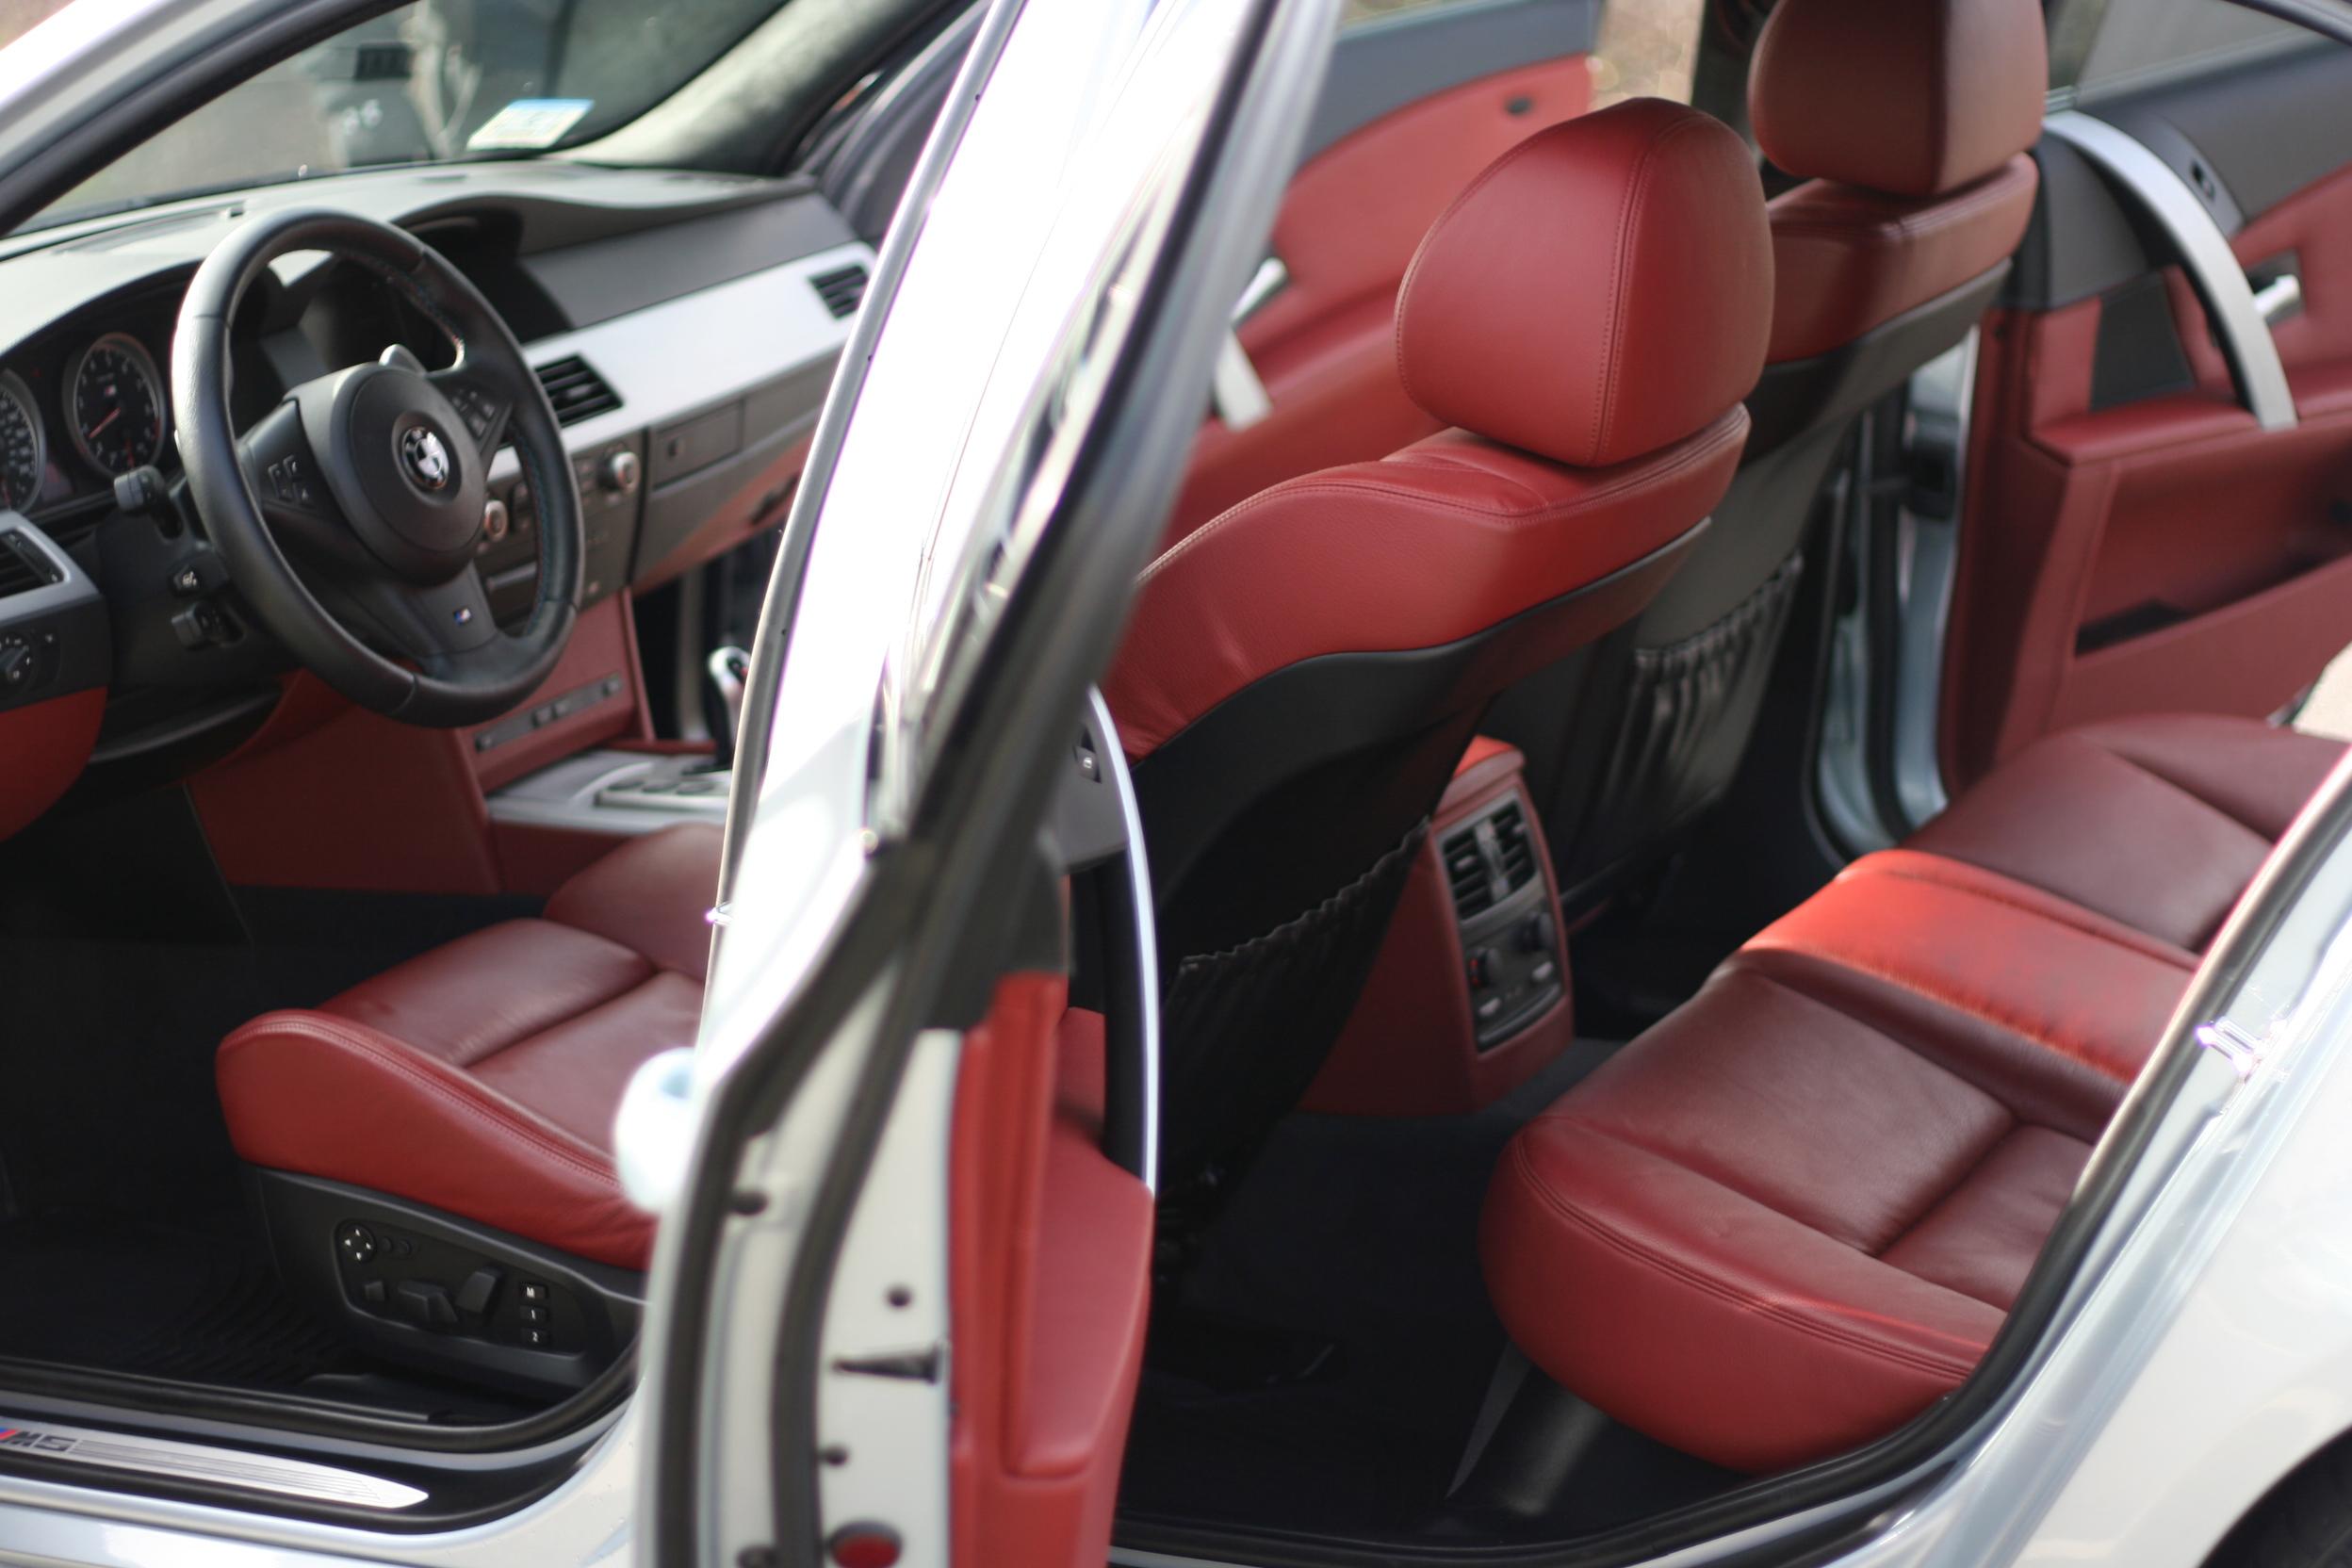 E60 0310 For Sale 2006 BMW M5 E60 For Sale Silverstone